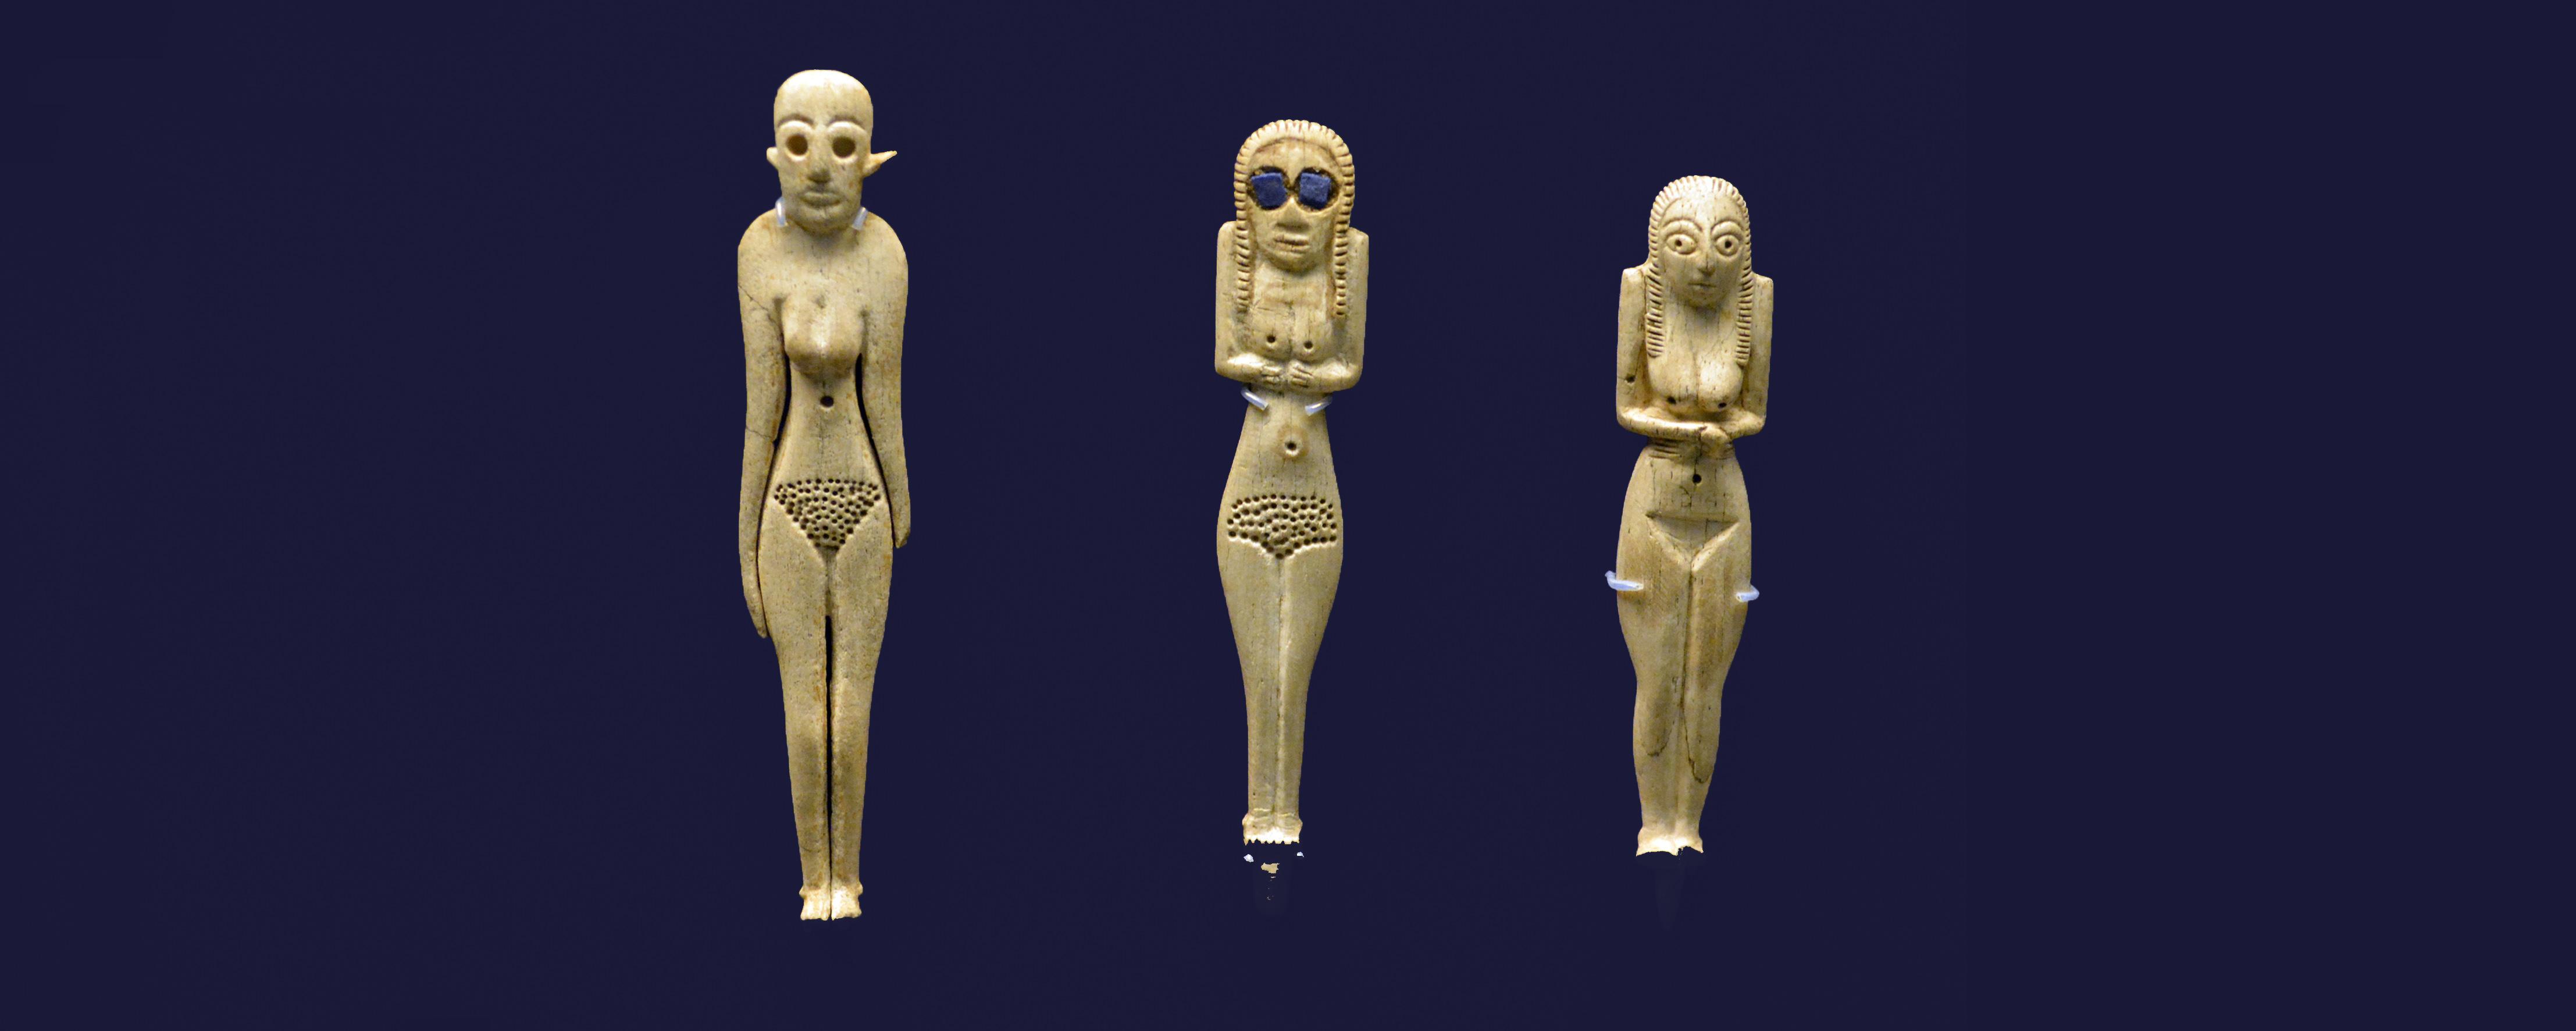 BM Ivory statuette DSC_2890 wide